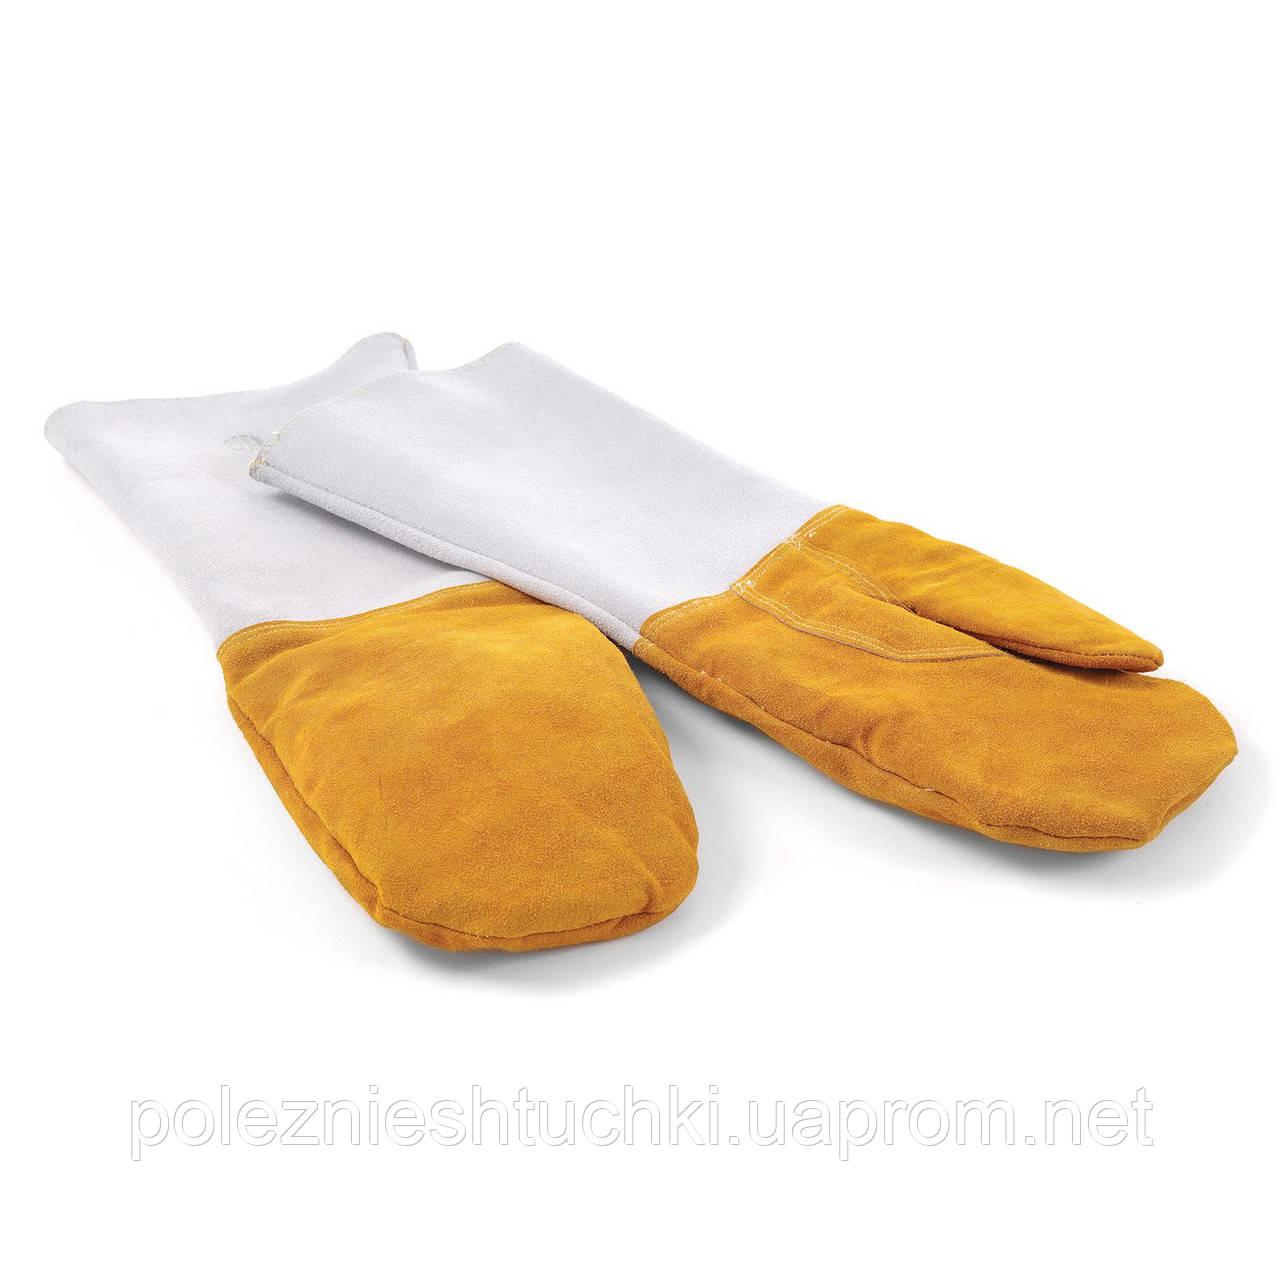 Рукавицы (перчатки) пекарские, набор 2 шт, 46см, кожаные, Hendi